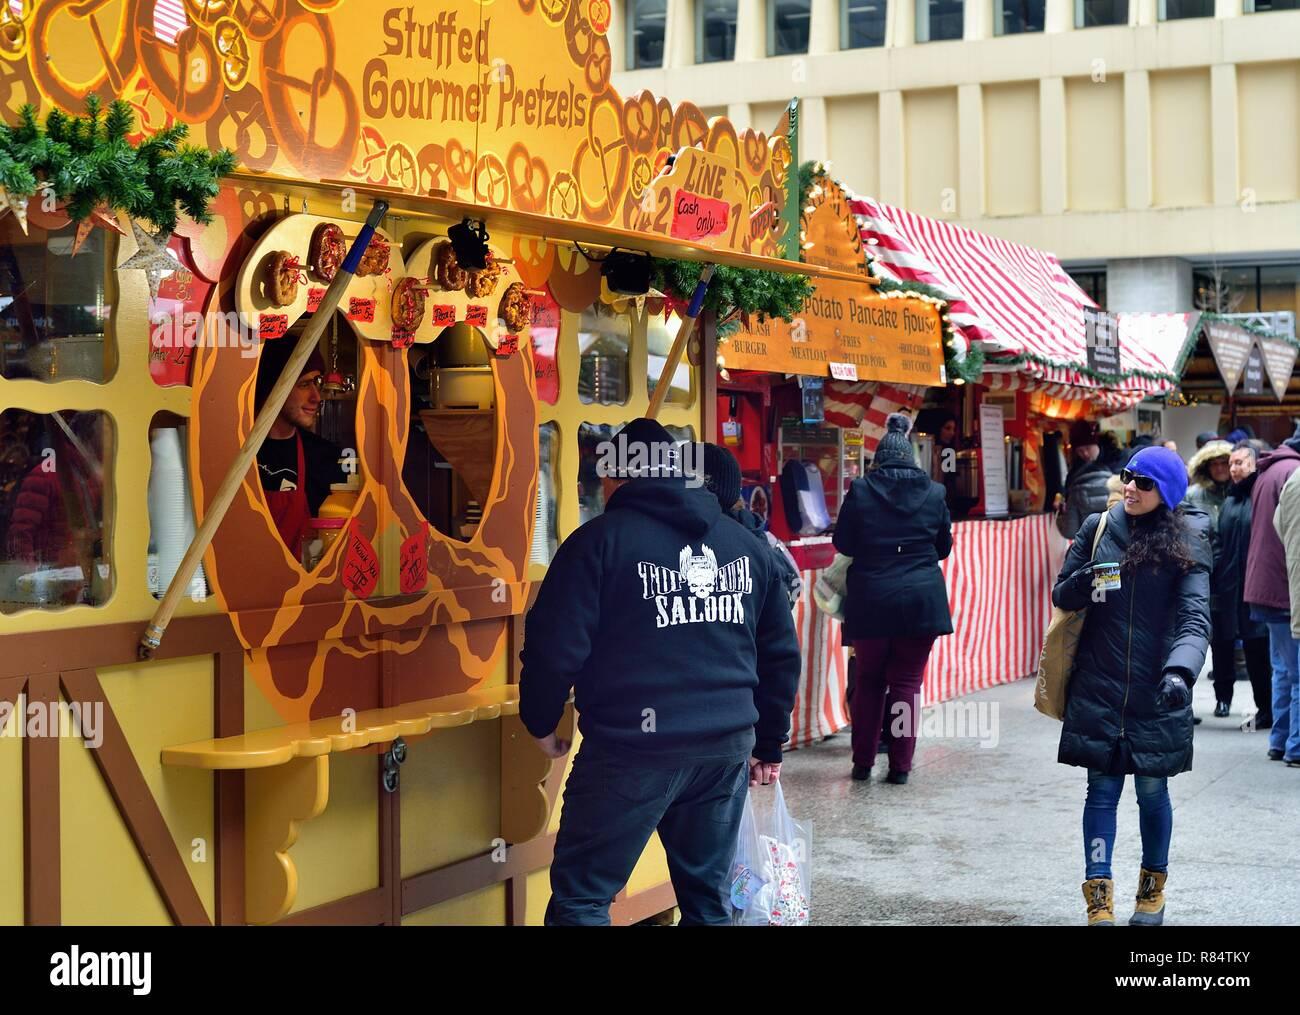 Chicago, Illinois, Estados Unidos. Un quiosco en el pretzel gourmet Christkindlmarket en el centro de Chicago. Imagen De Stock